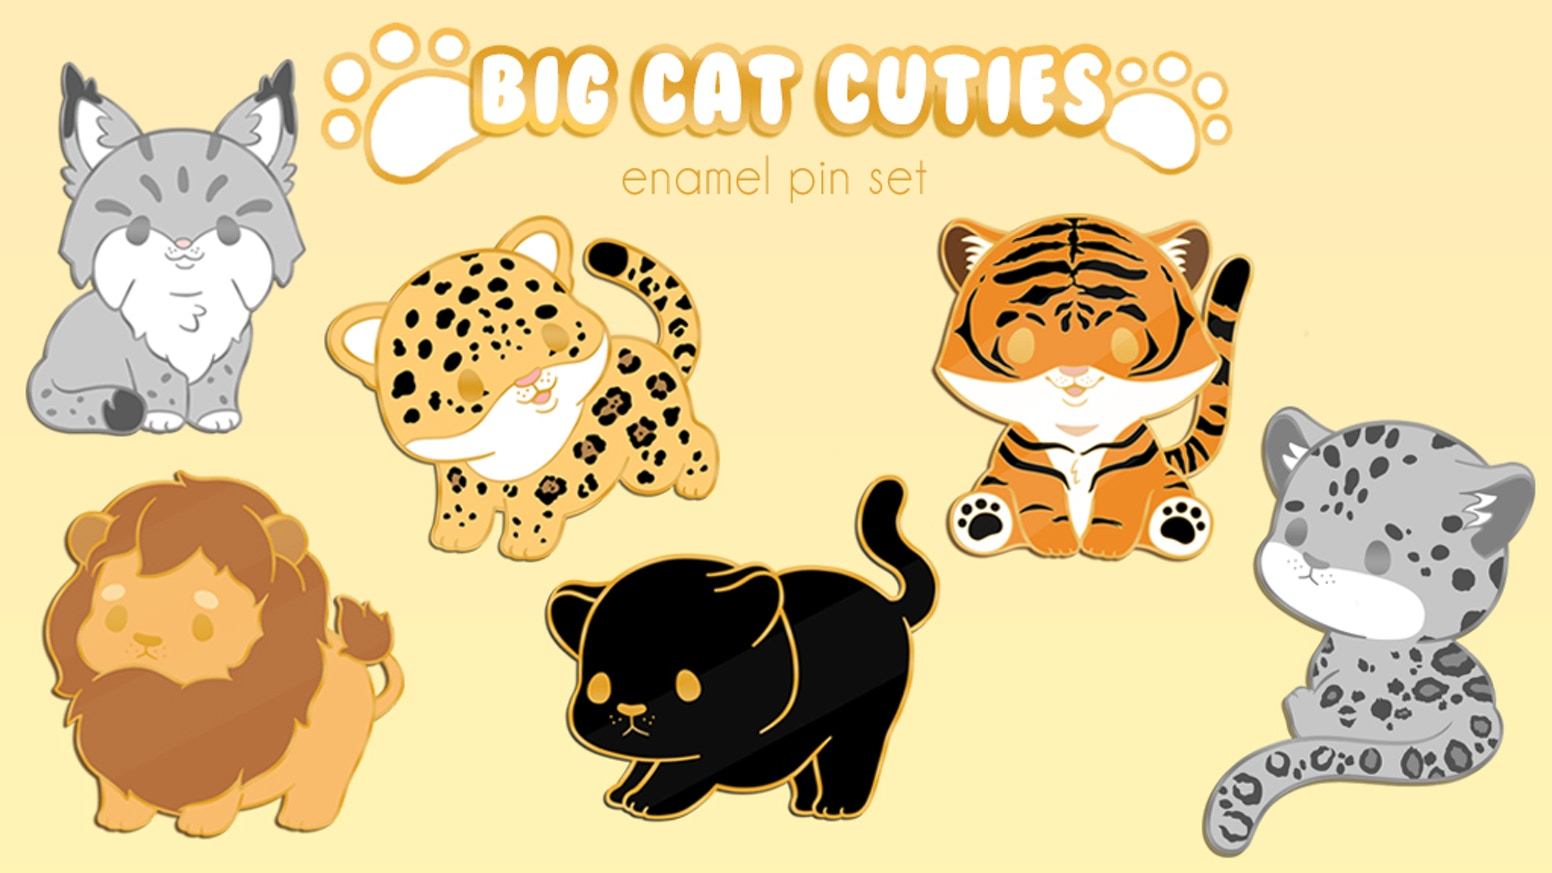 A 6 pin set of adorable big cat hard enamel pins